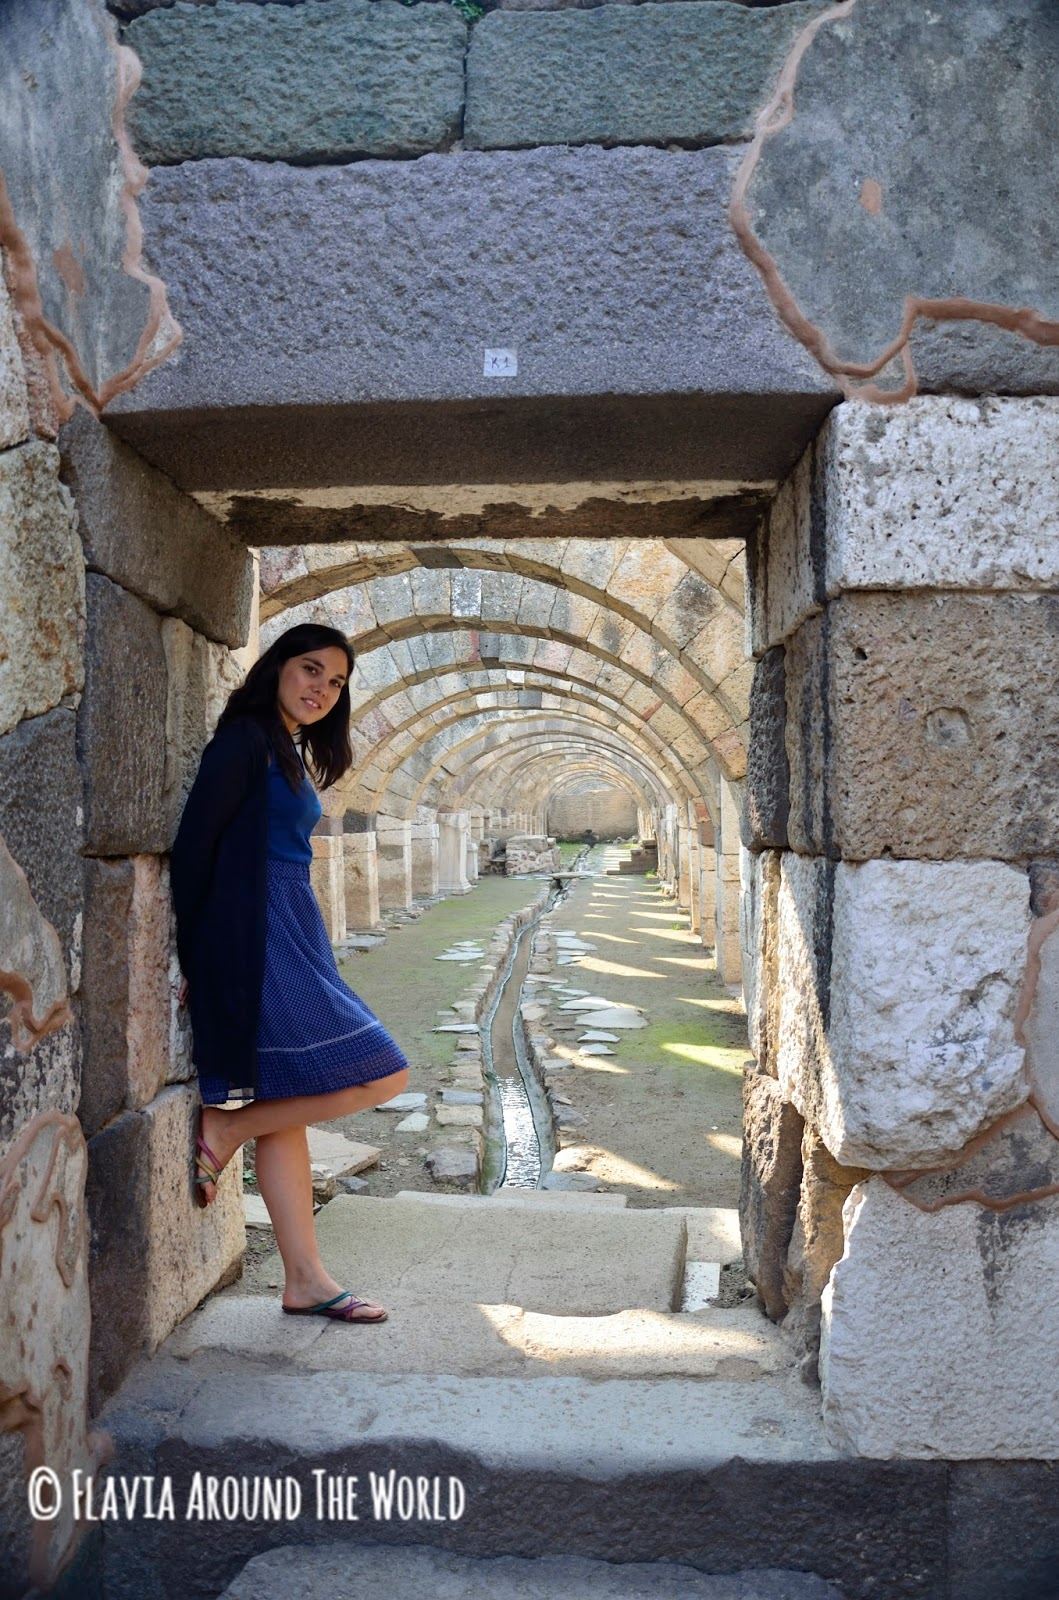 FlaviaAround the world en el ágora de Esmirna